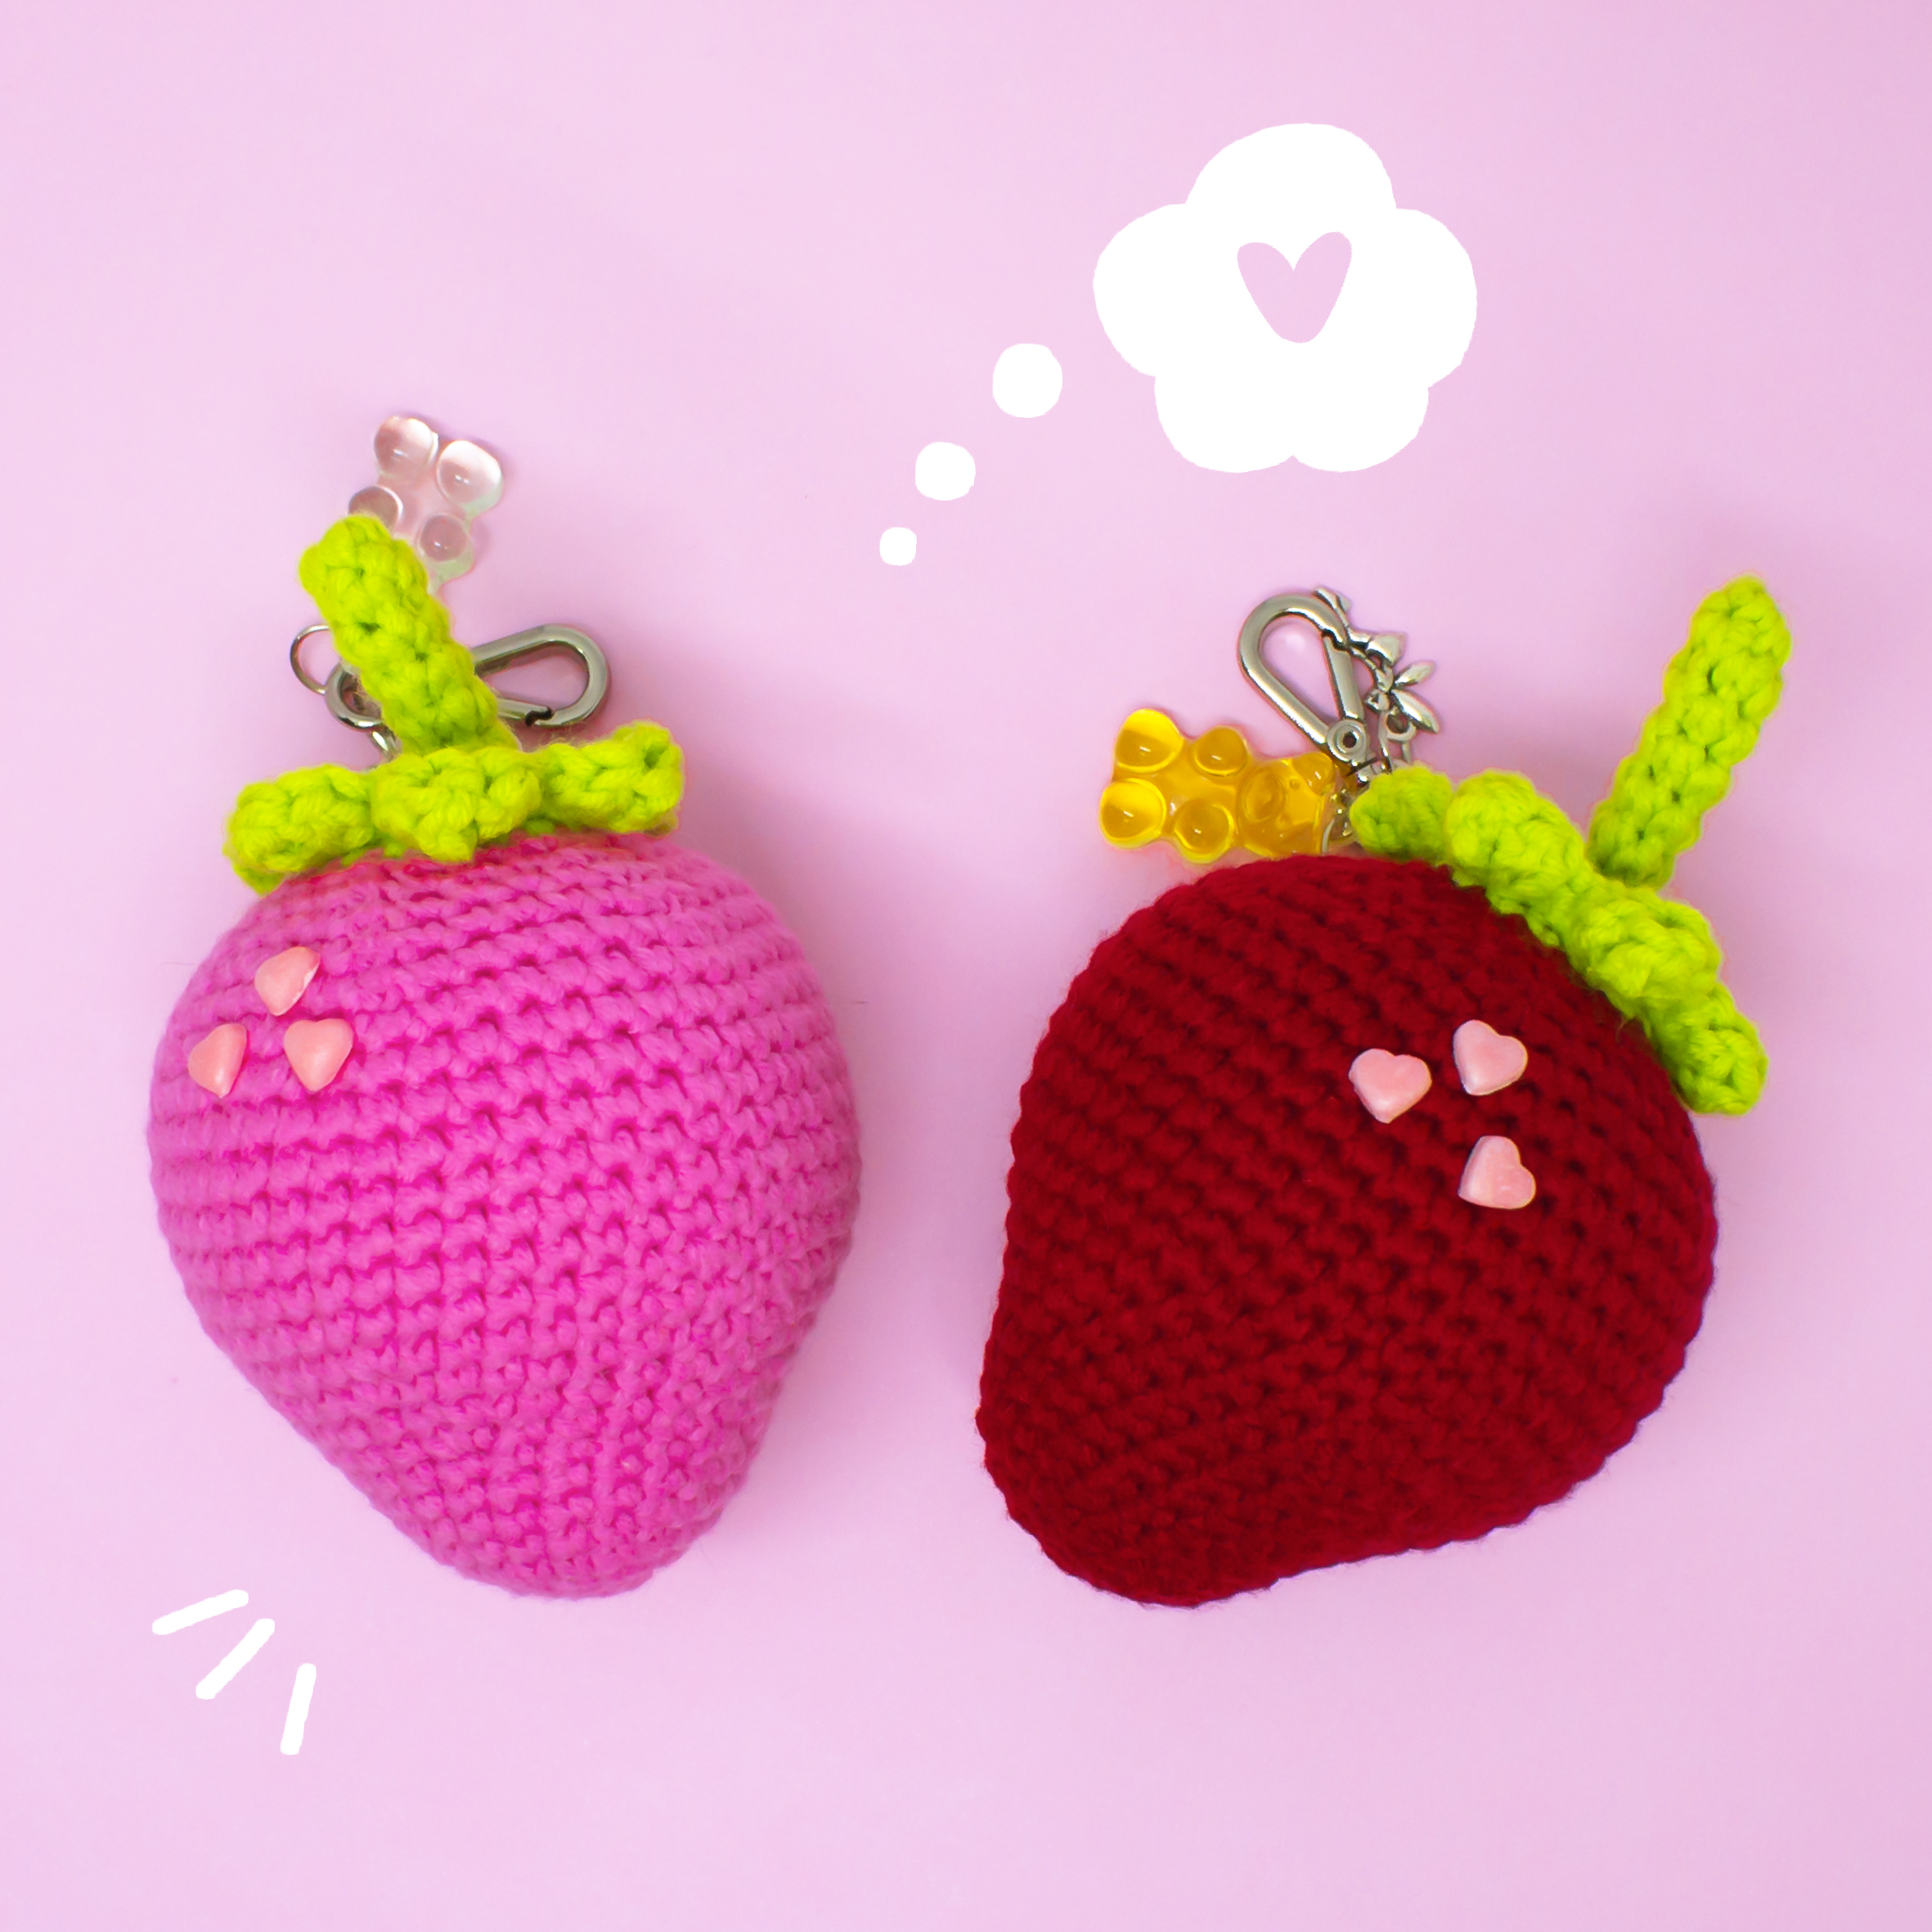 Crochet + Amor = Moranguinhos